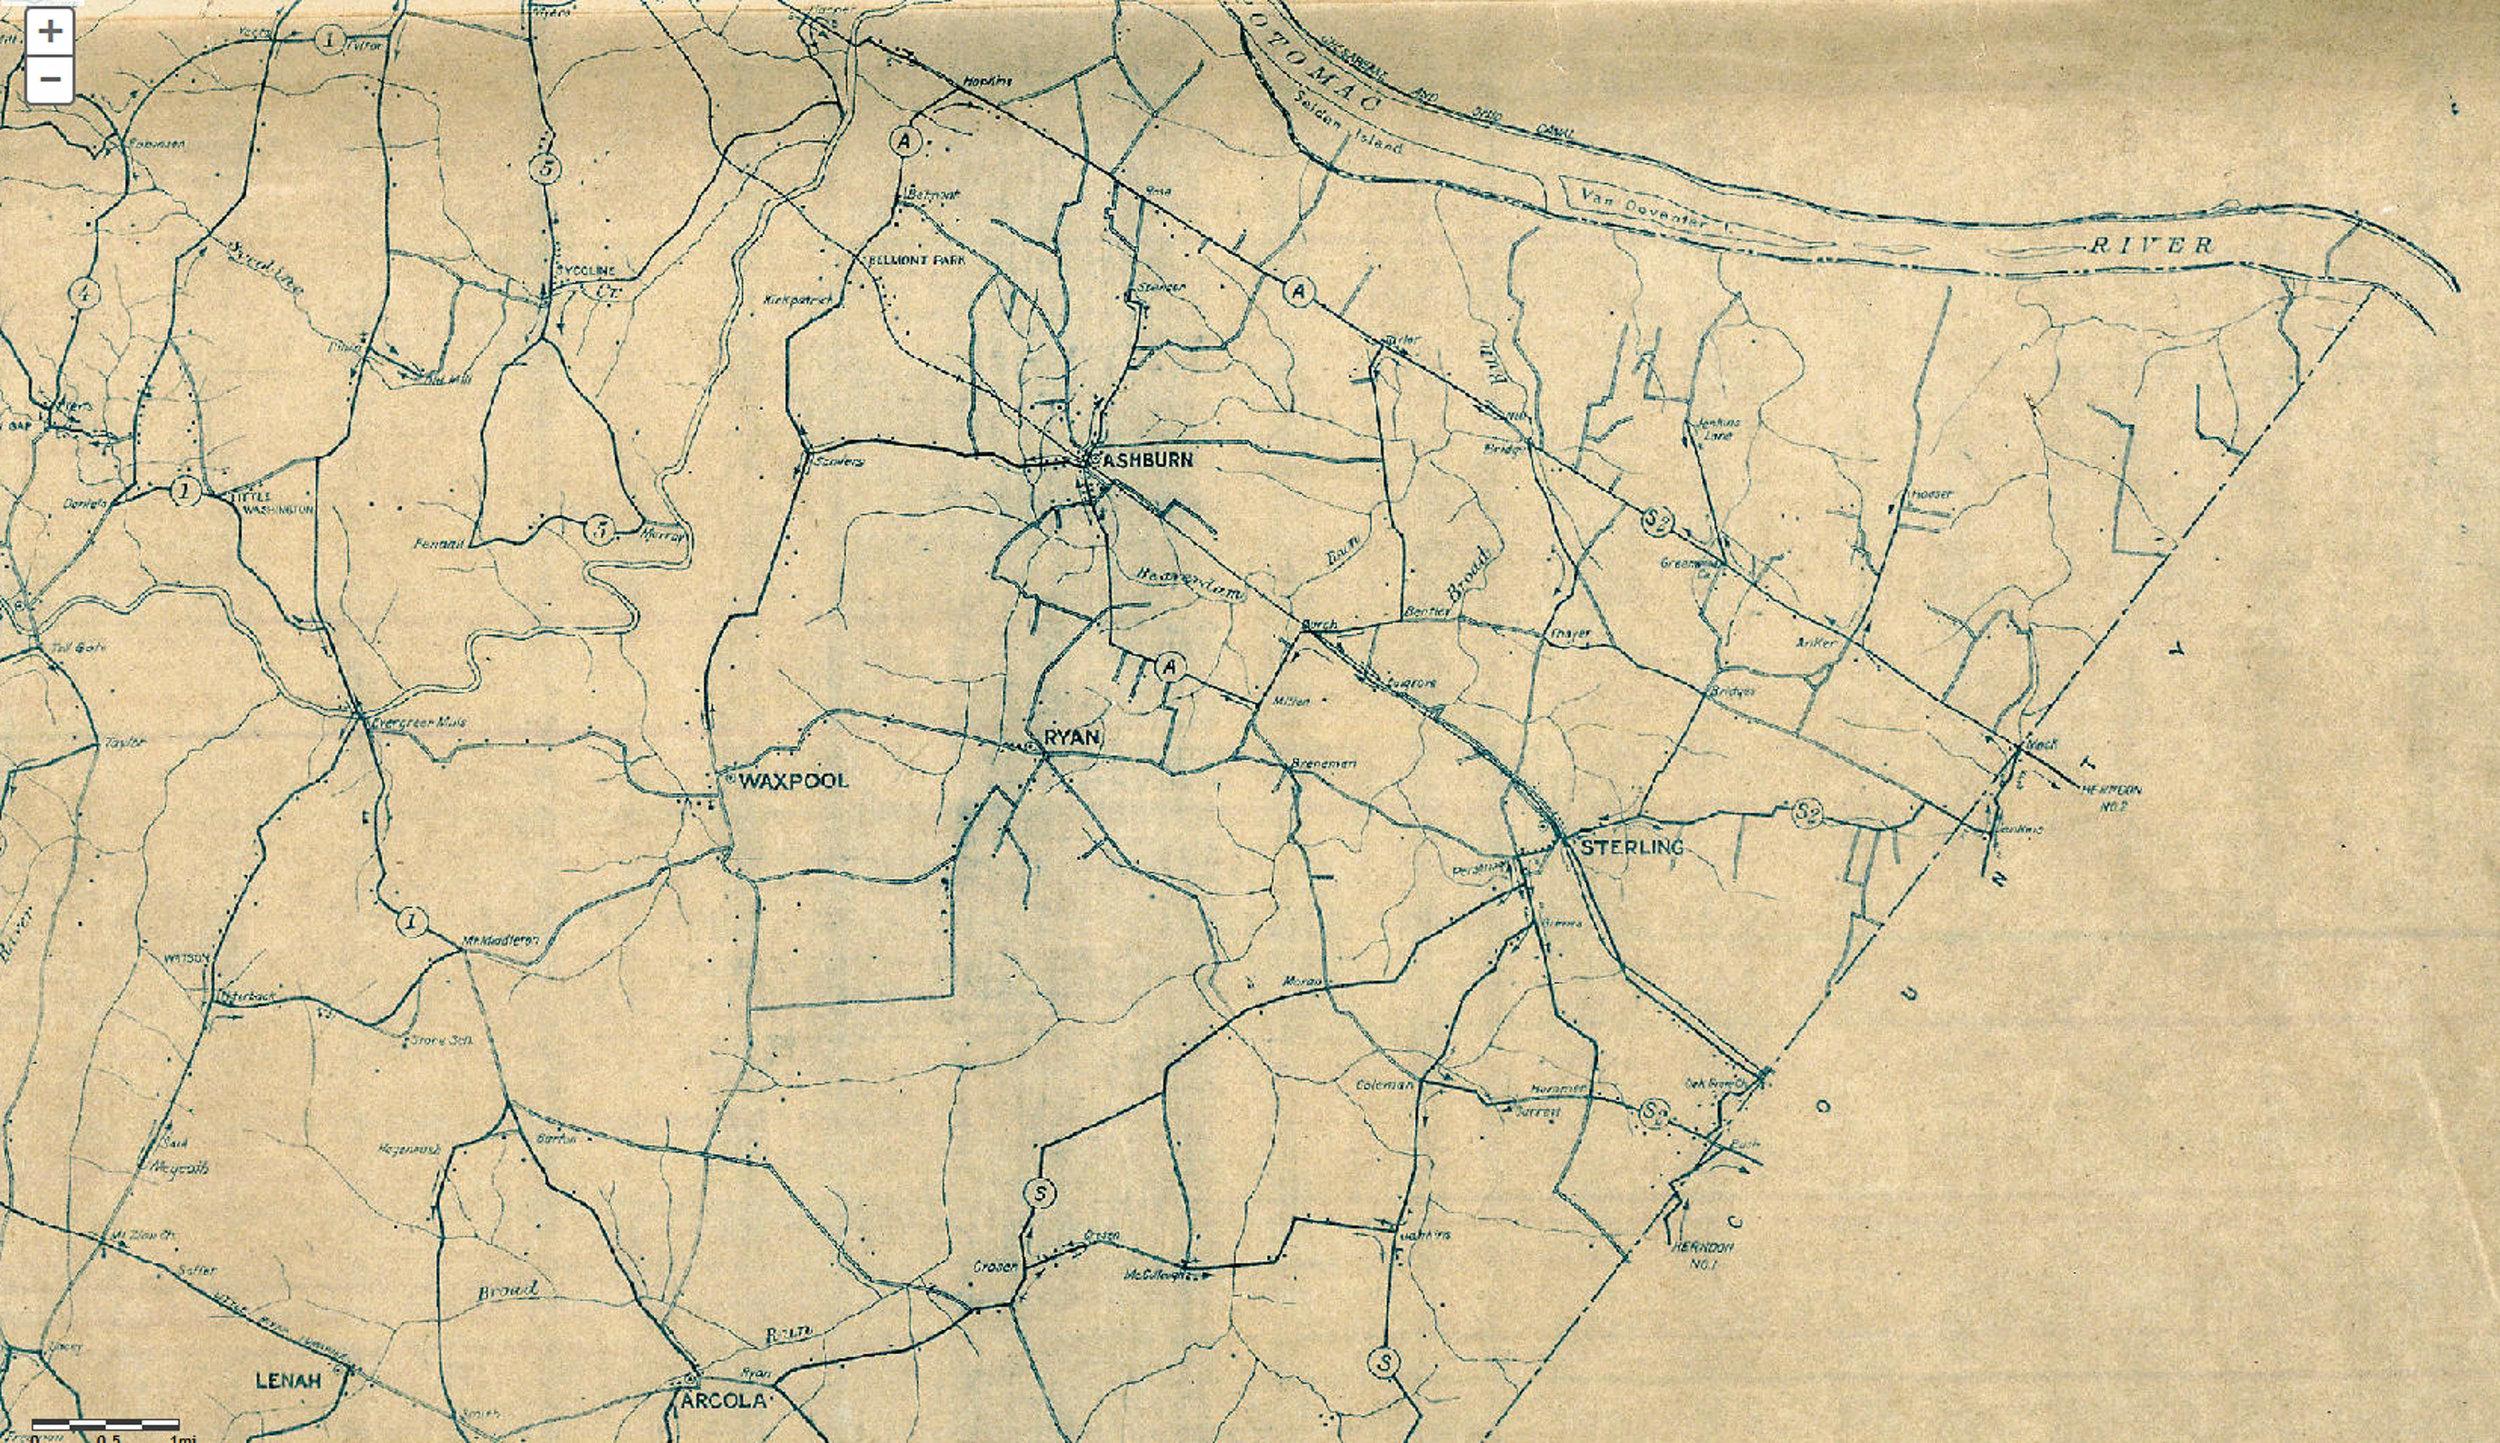 1926 Map courtesy of loudoun.gov